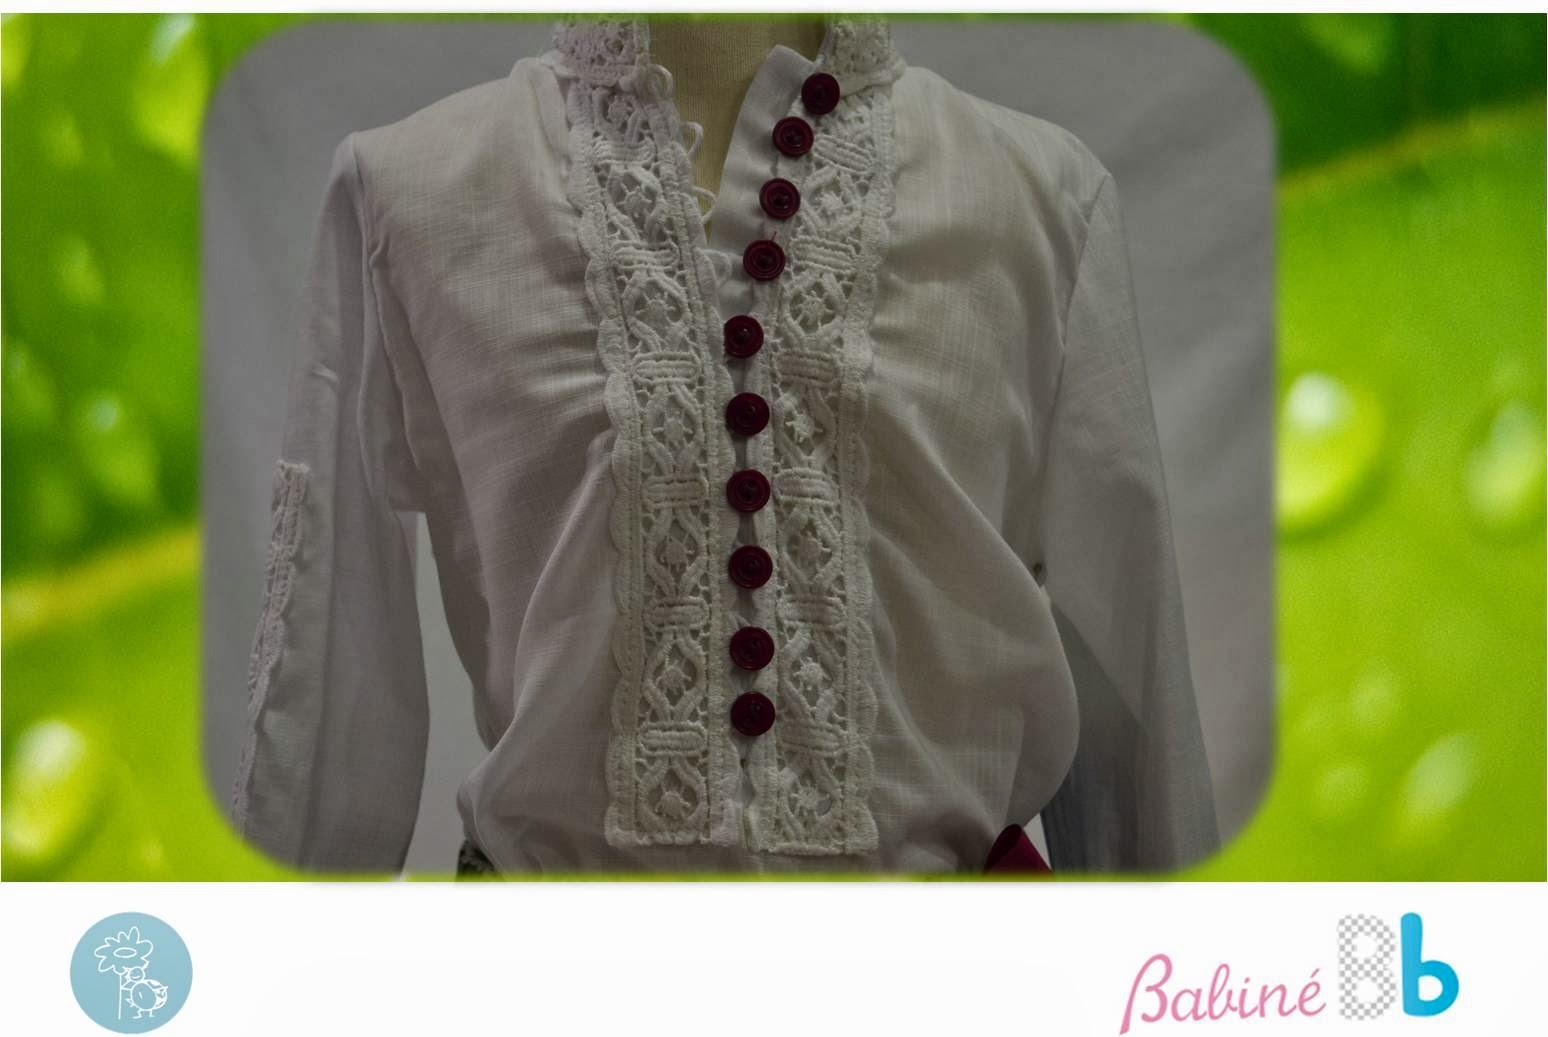 Babiné -Colección Primavera-Verano- Detalle camisa conjunto falda